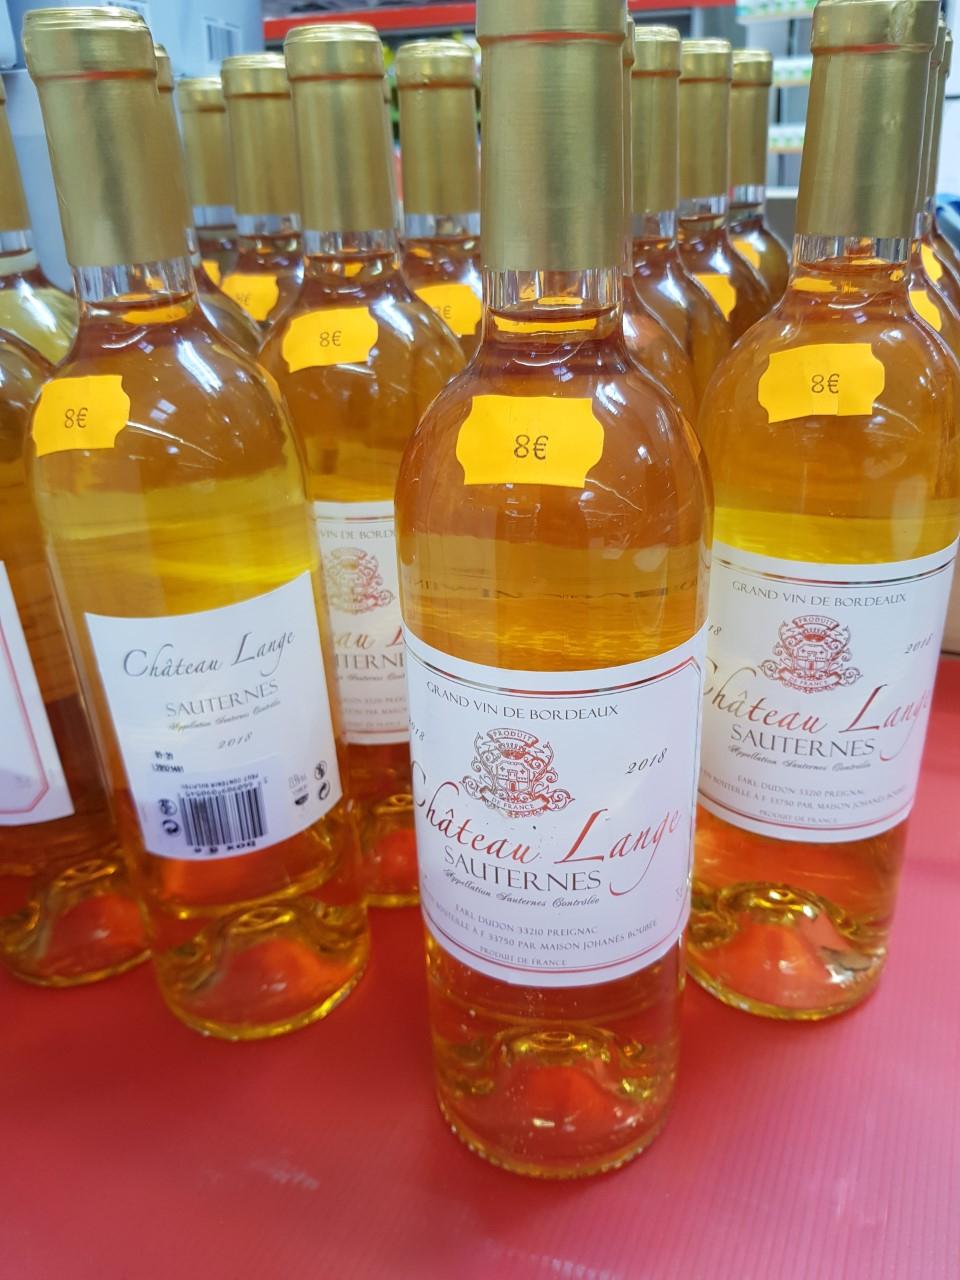 1 Bouteille de vin 75cl Sauternes château Lange 2018 - Mérignac (33)